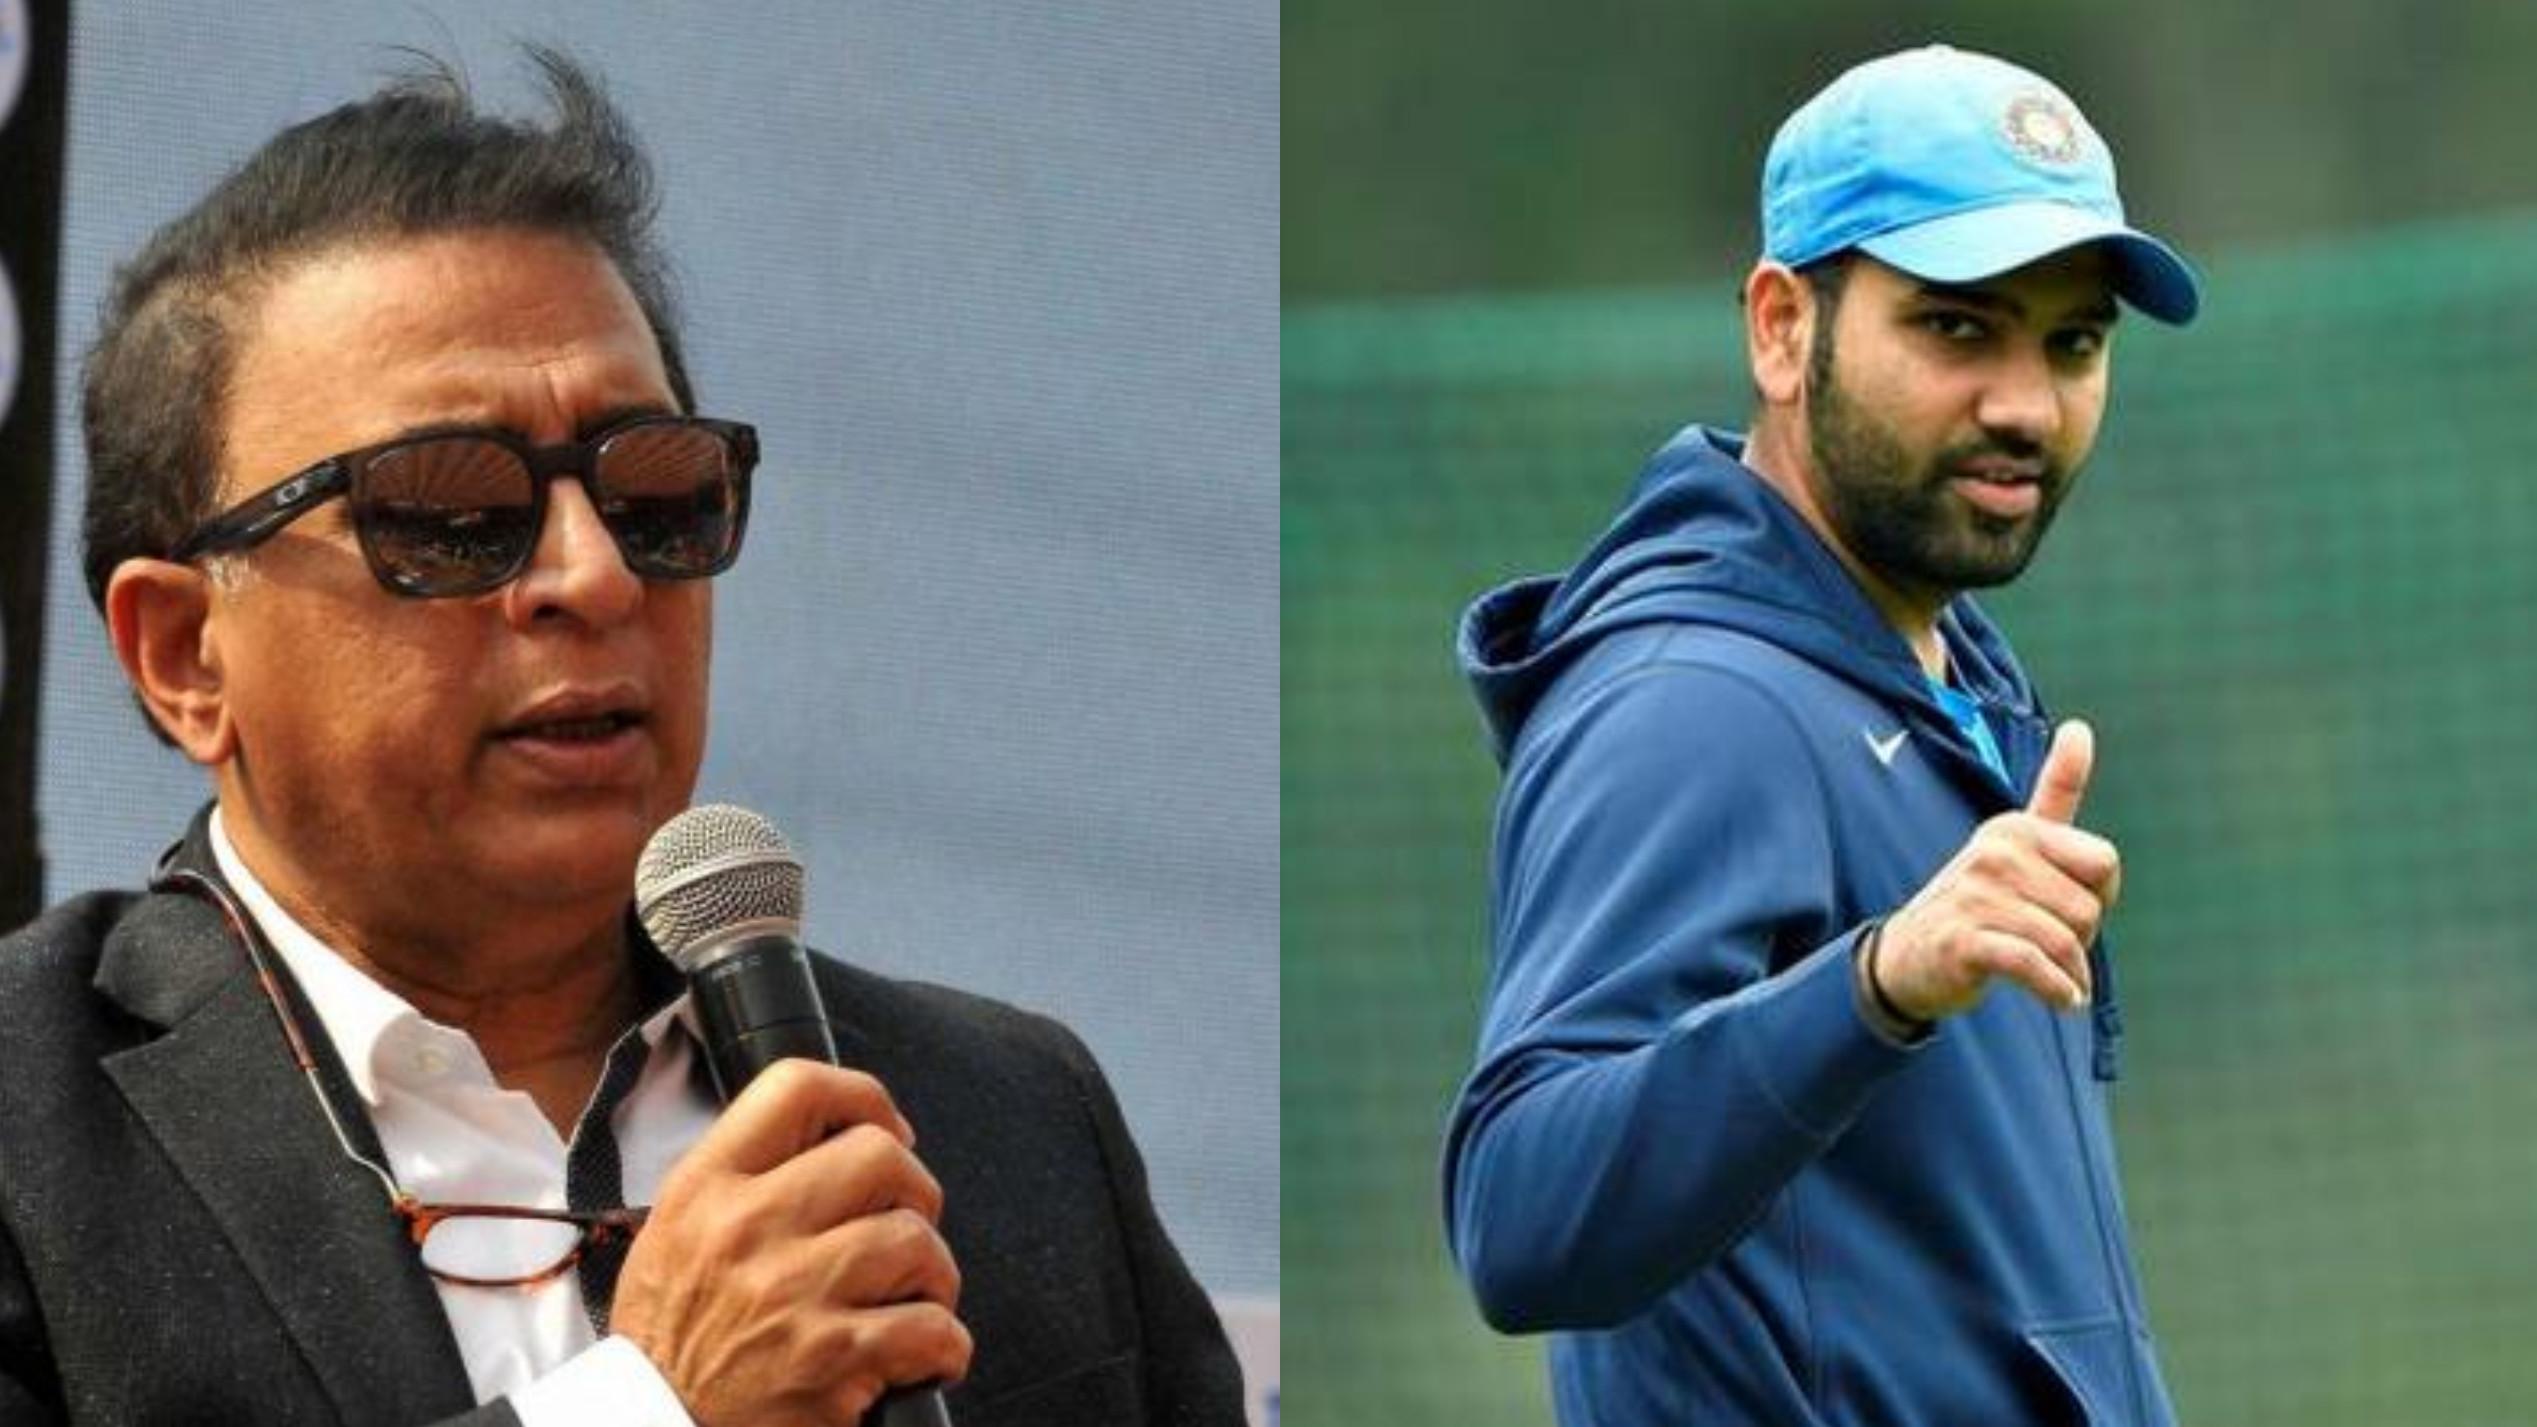 AUS v IND 2018-19: सुनील गावस्कर ने पहले टेस्ट के लिए टीम में रोहित शर्मा की बजाय इस युवा खिलाडी को शामिल करने पर दिया जोर